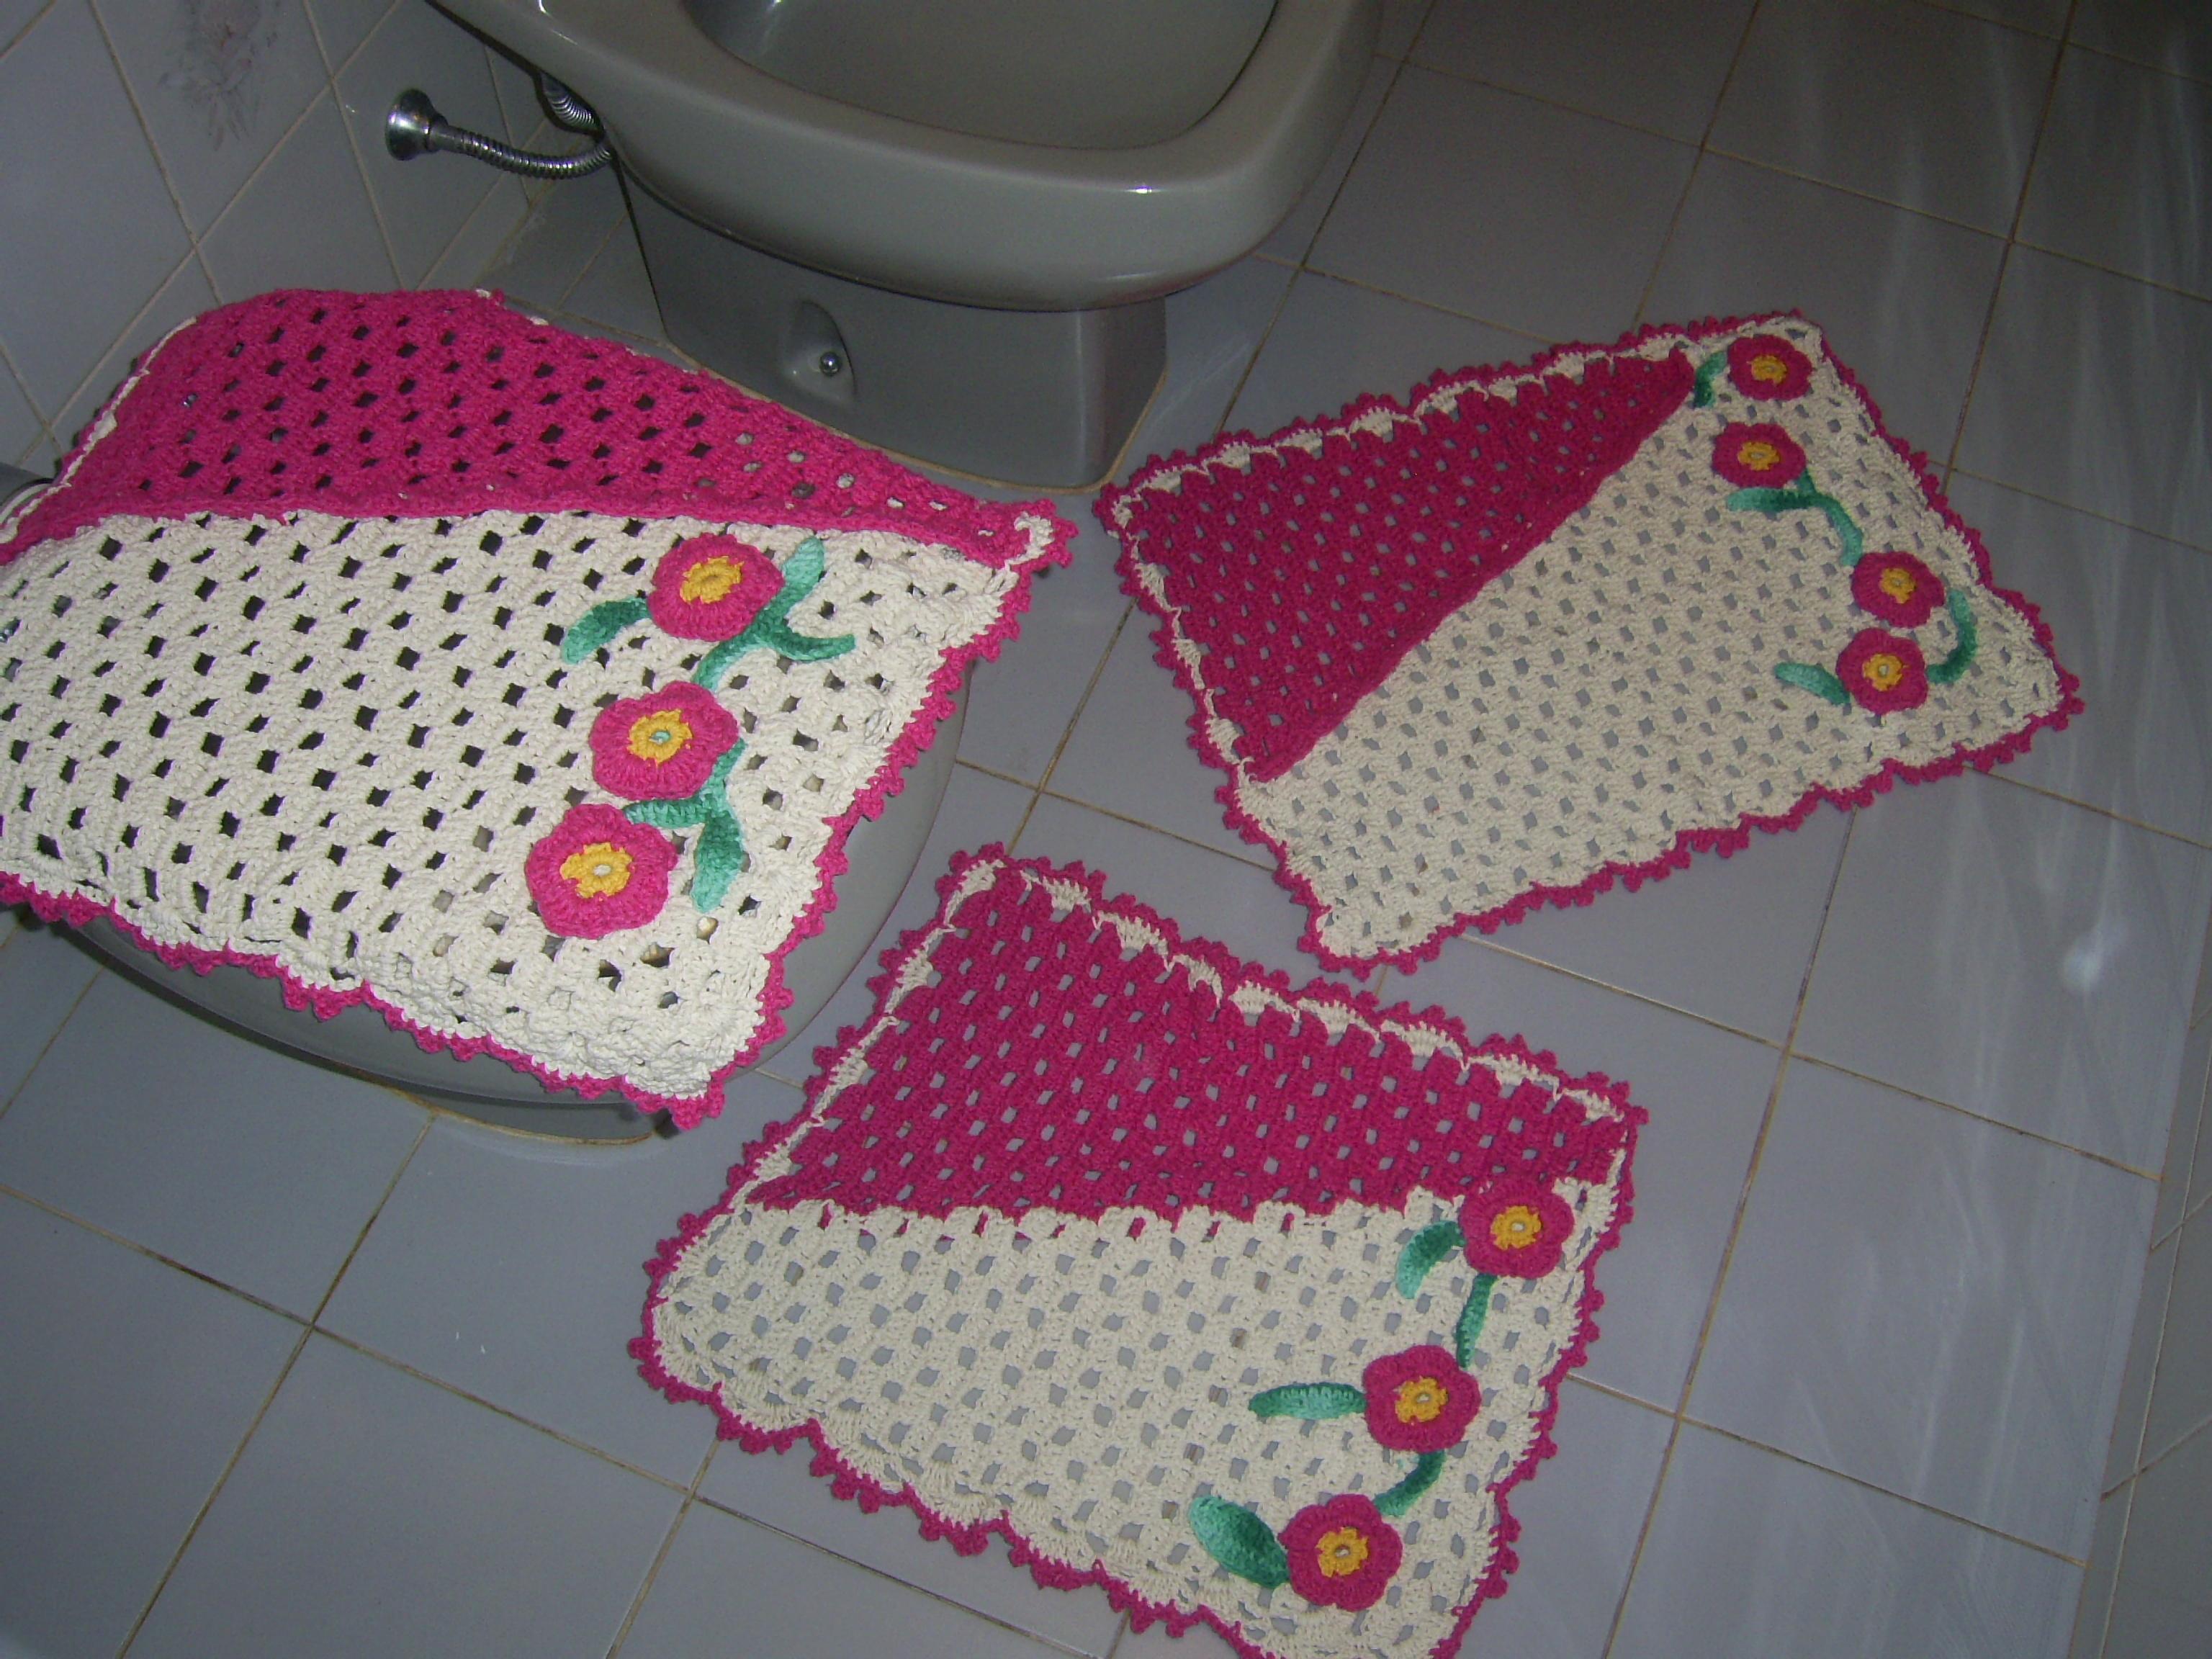 banheiro jogo de tapetes para banheiro jogo de tapetes para banheiro #7C1E46 3072x2304 Banheiro Da Barbie Comprar